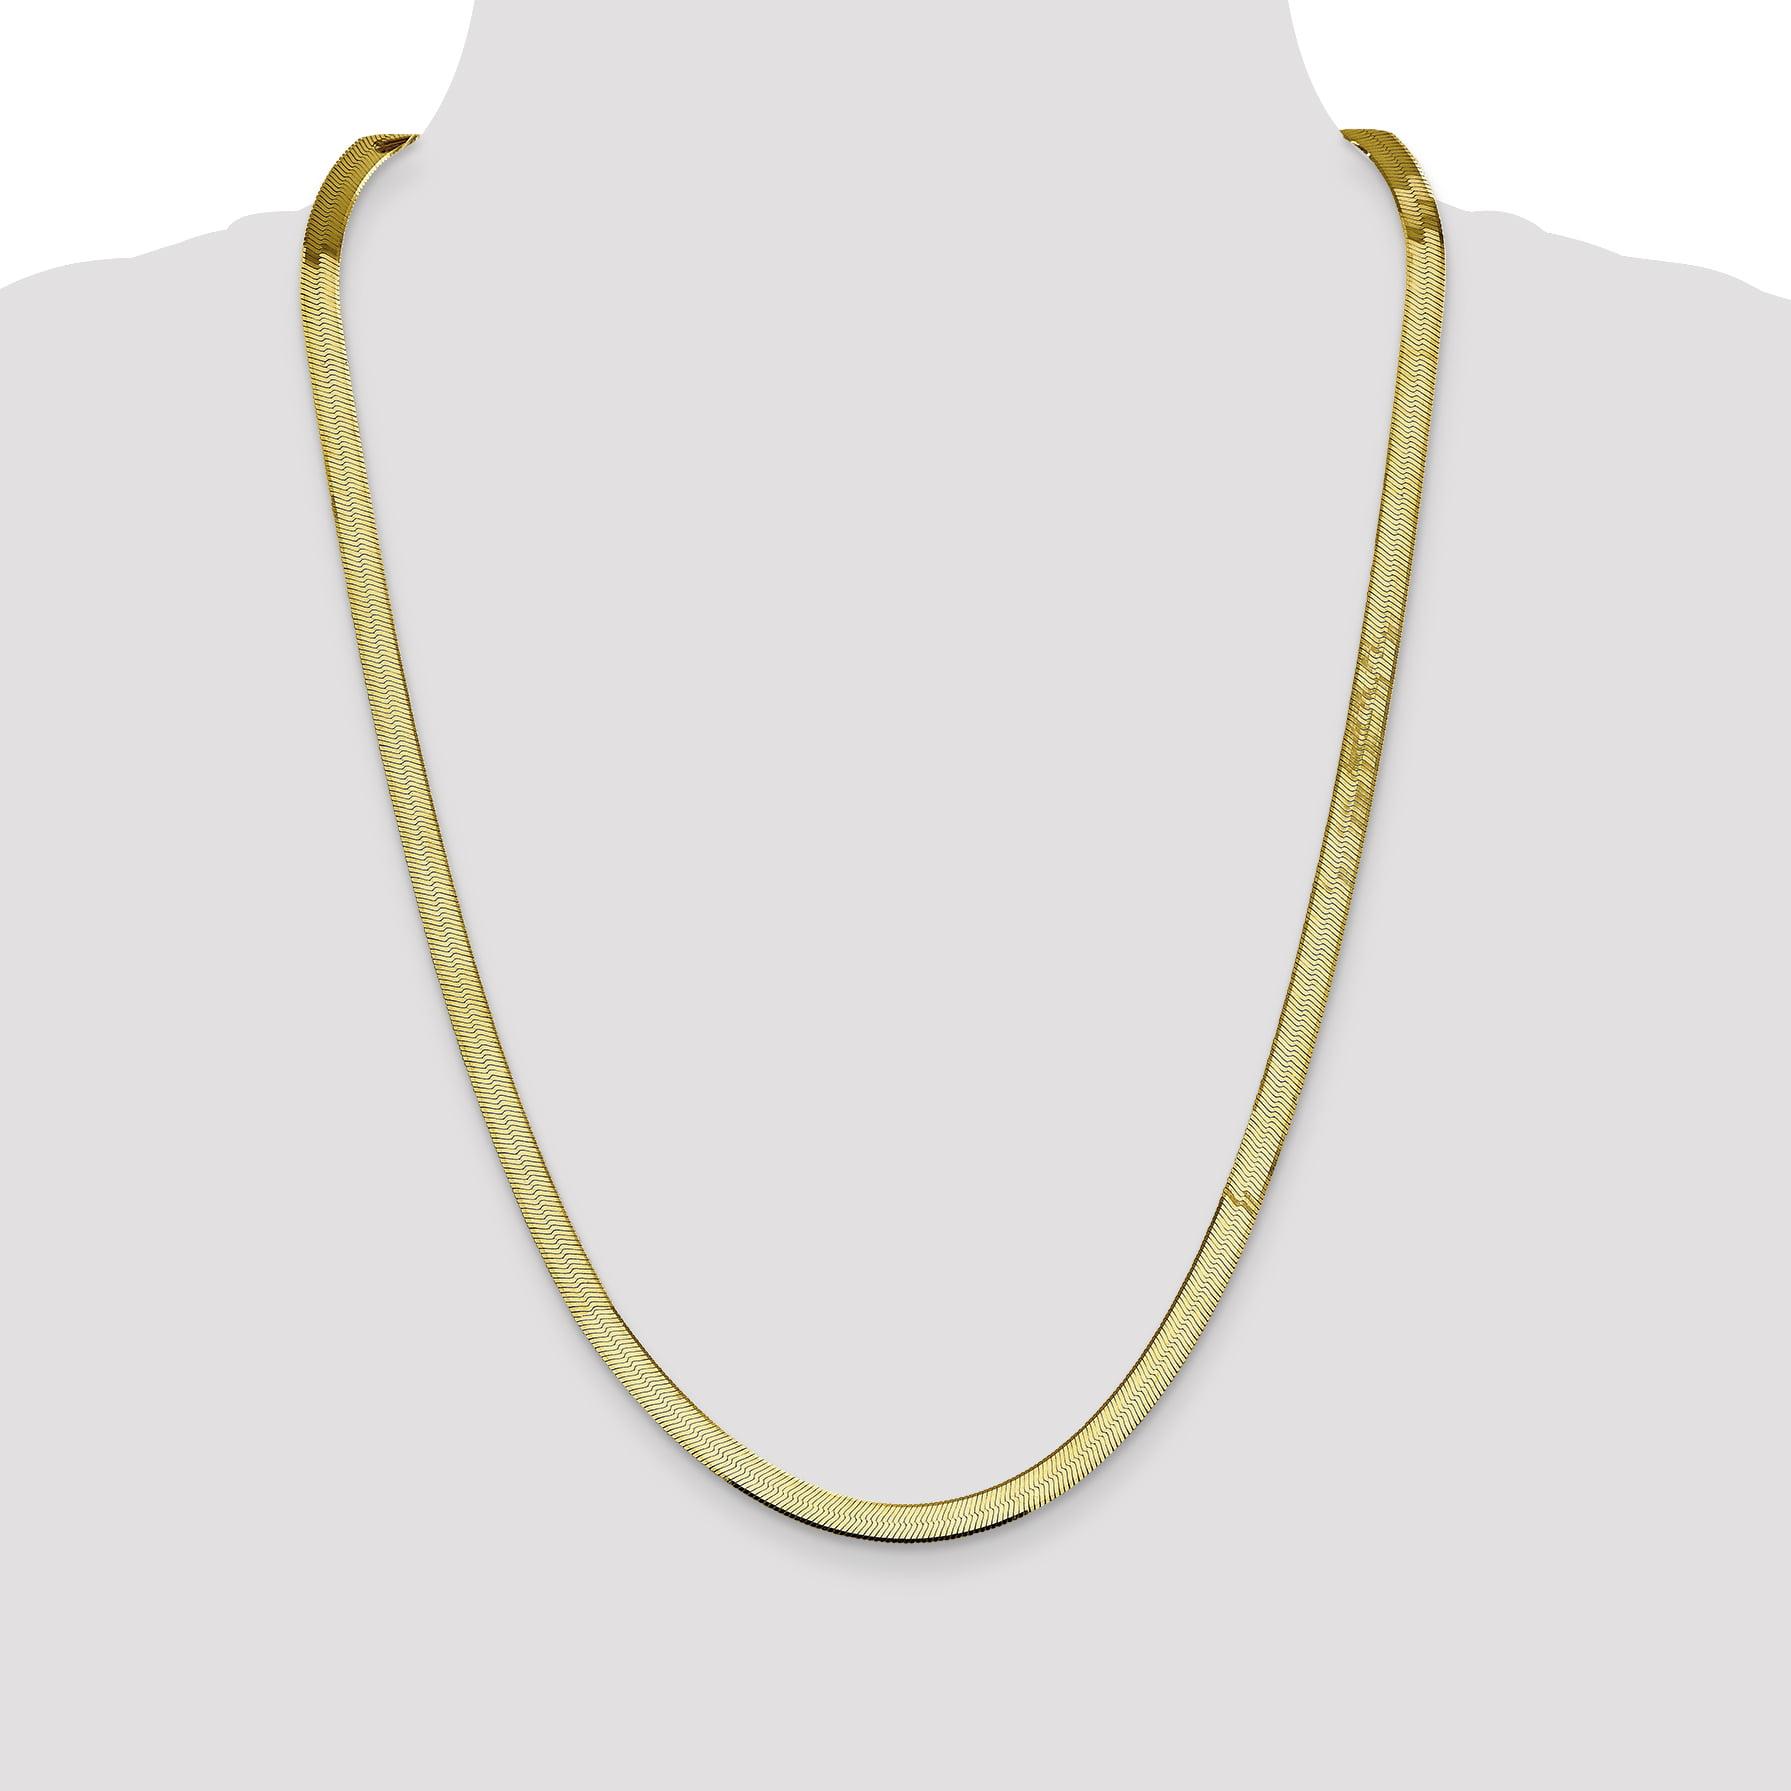 10K Yellow Gold 5.5mm Silky Herringbone Chain 16 Inch - image 4 of 5